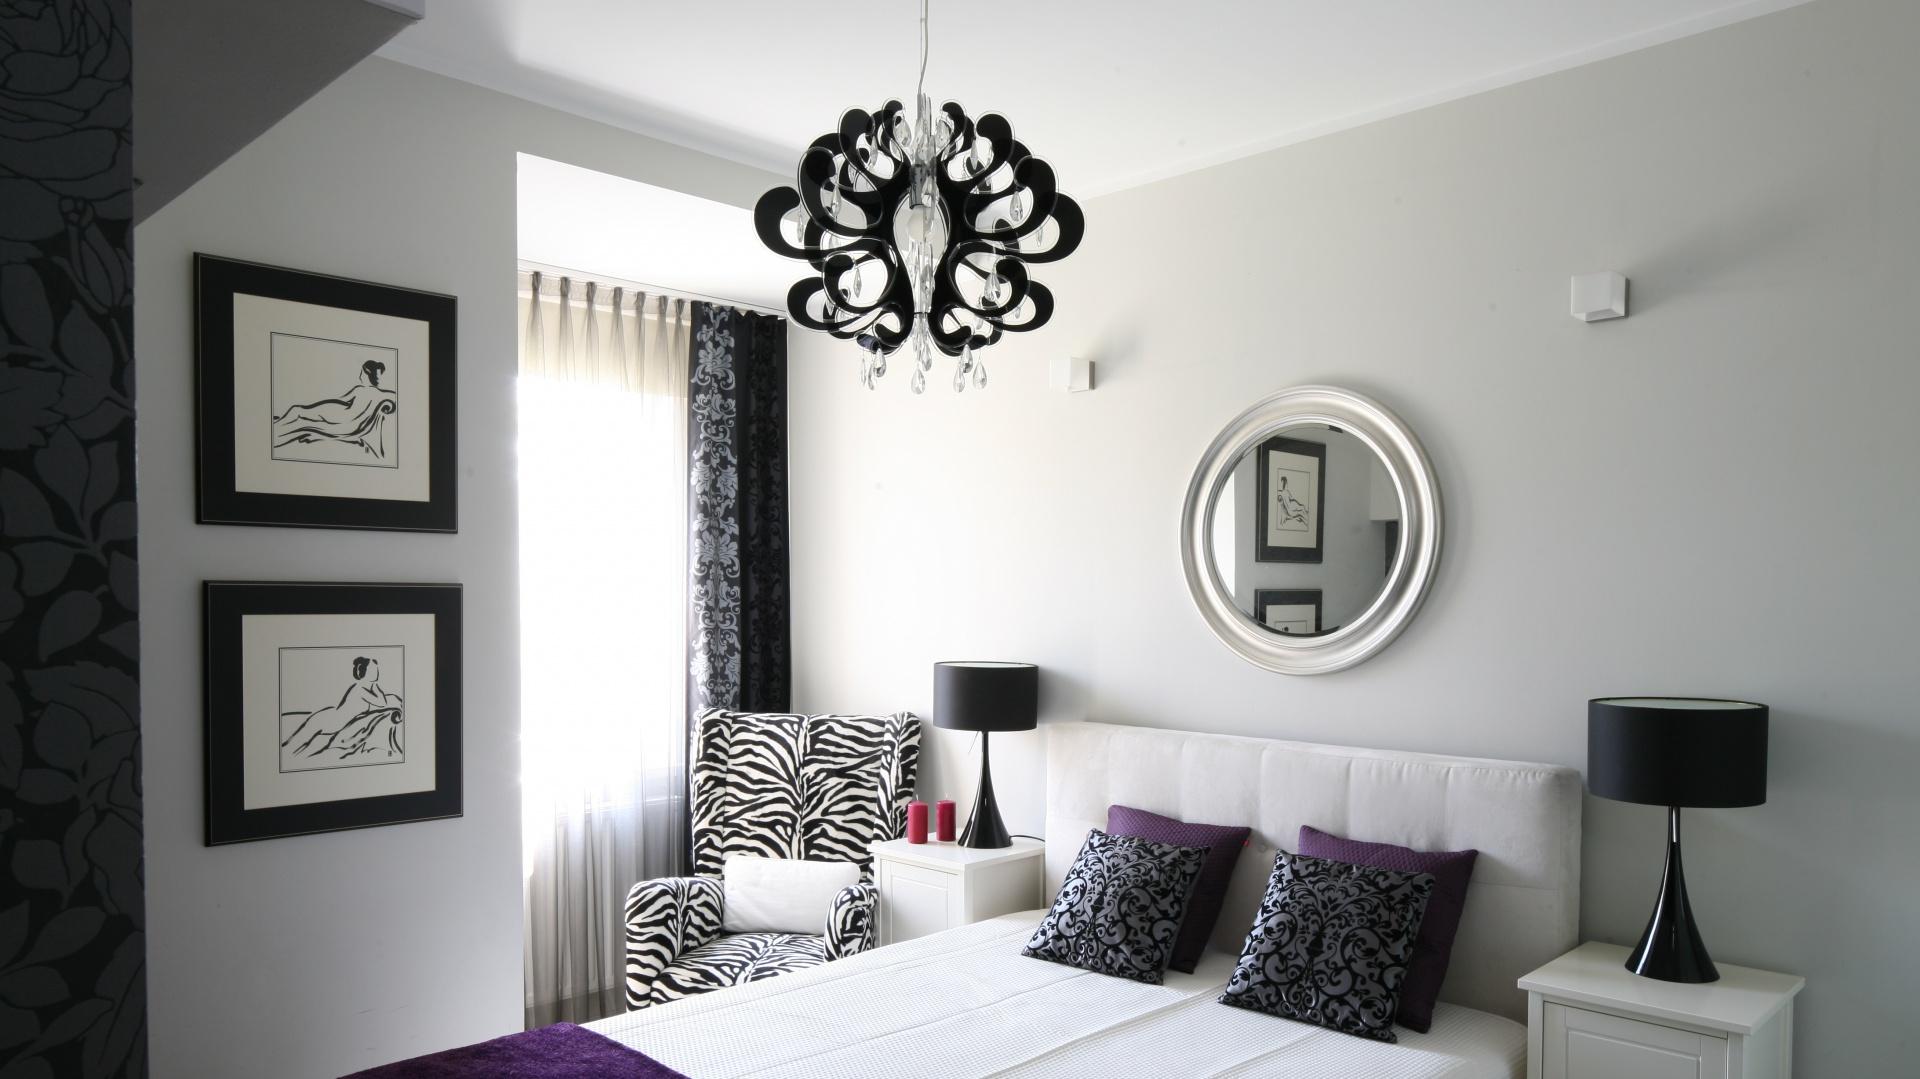 Lustro w ozdobnej ramie umieszczone nad łóżkiem dodaje wnętrzu elegancji i stanowi ciekawą dekorację, która stylistycznie nawiązuje do wystroju sypialni utrzymanej w stylu glamour. Proj.Małgorzata Galewska. Fot.Bartosz Jarosz.